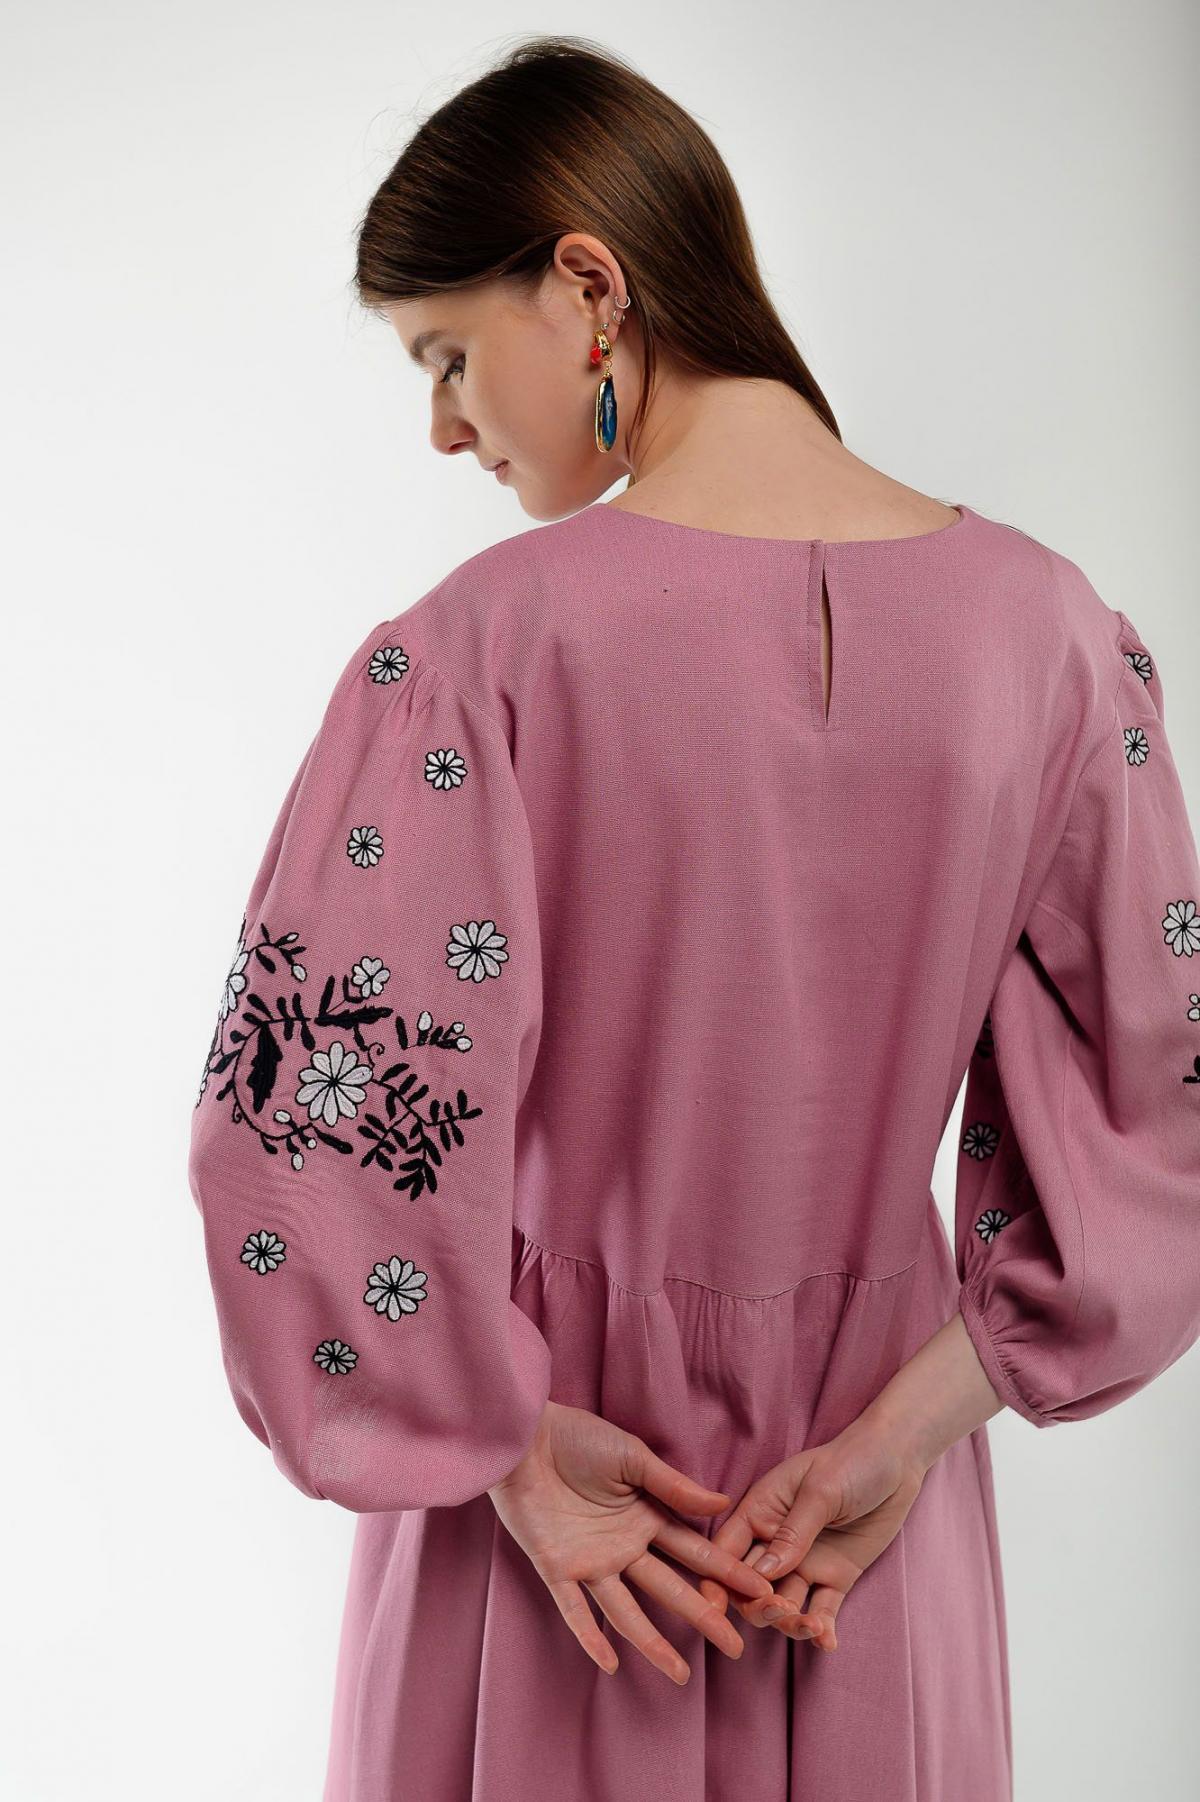 Платье вышиванка Кукушка пудра. Фото №4. | Народный дом Украина